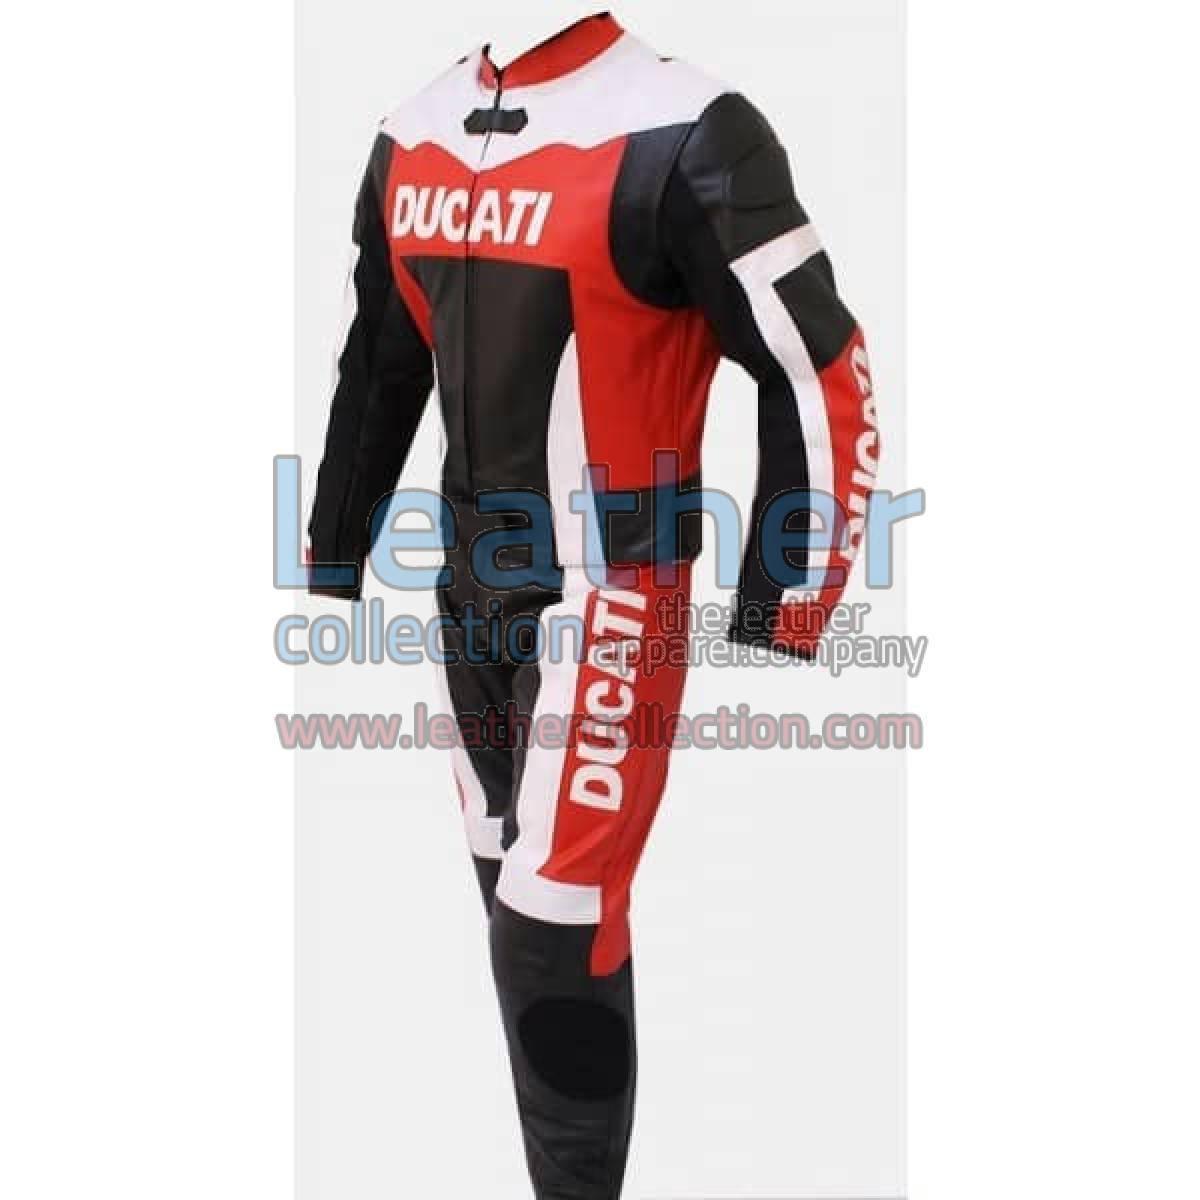 Ducati Motorbike Leather Suit